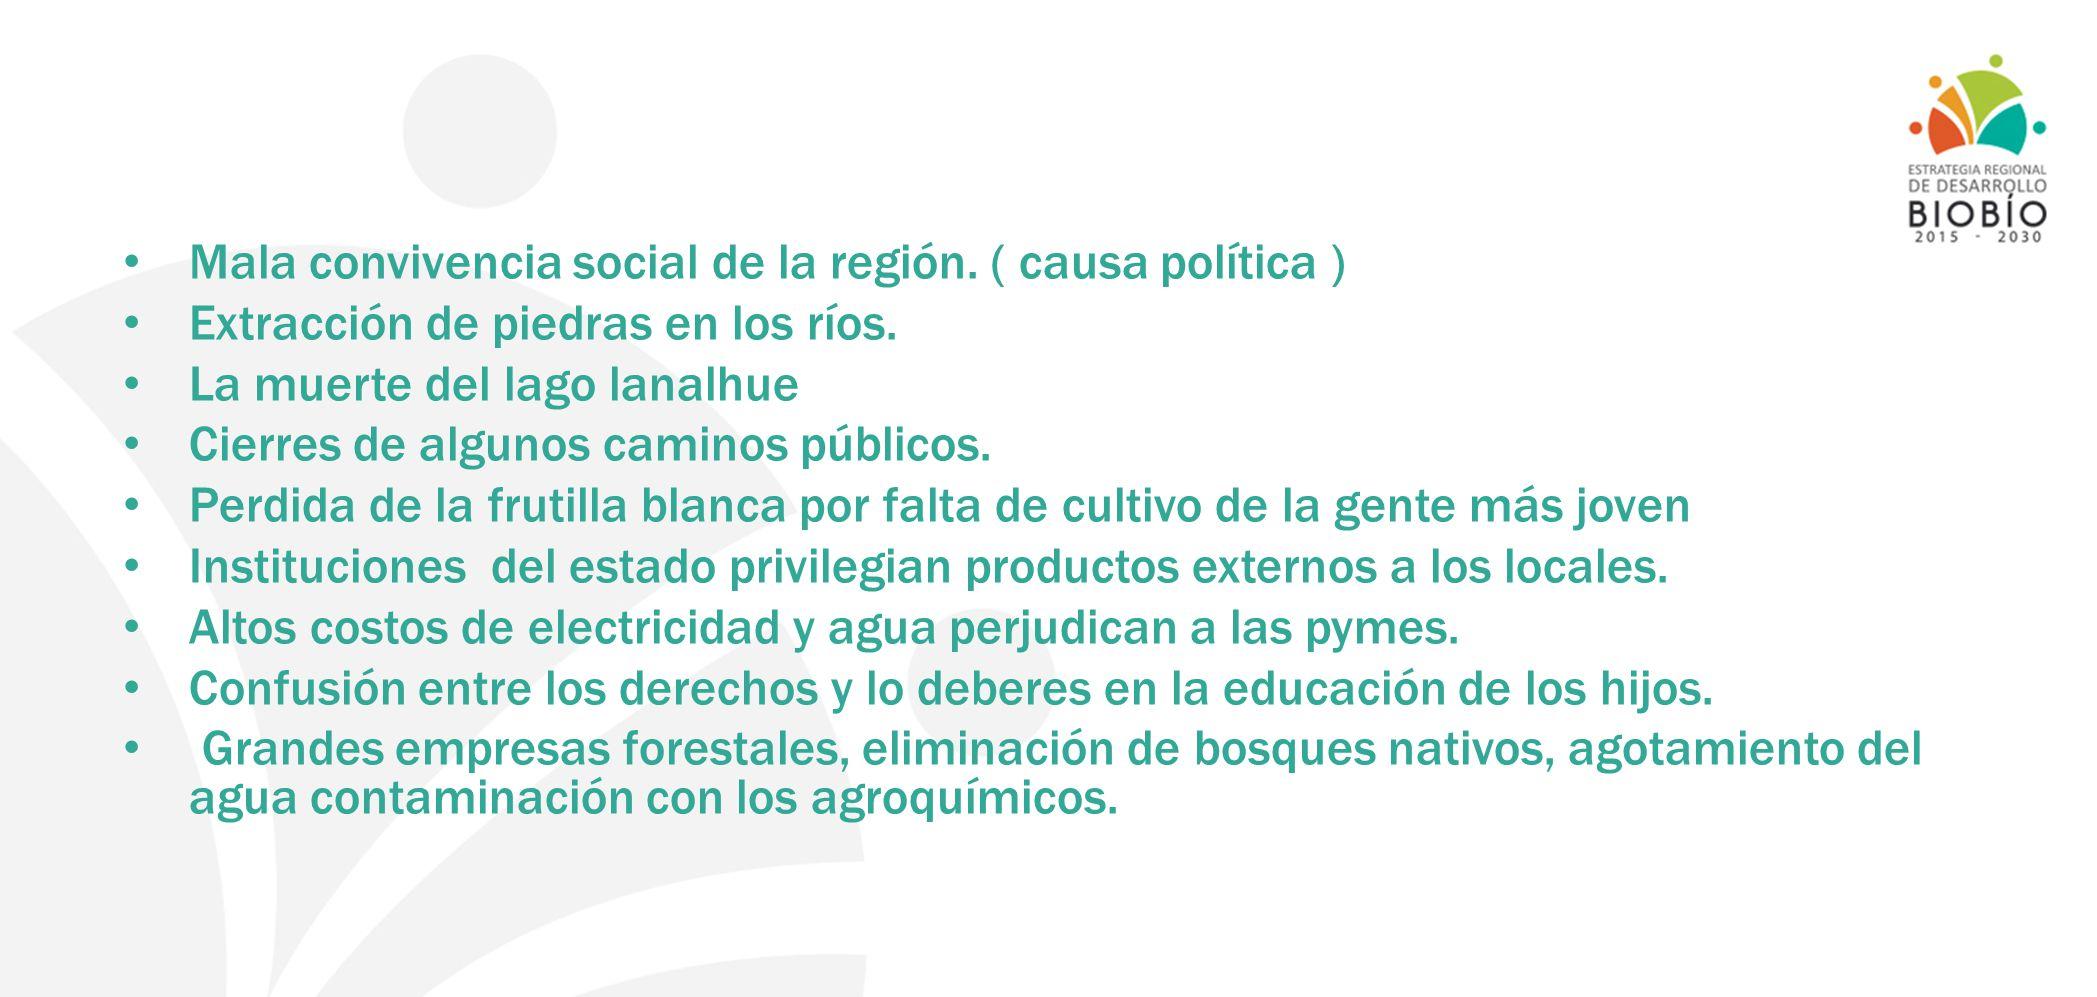 Mala convivencia social de la región. ( causa política )